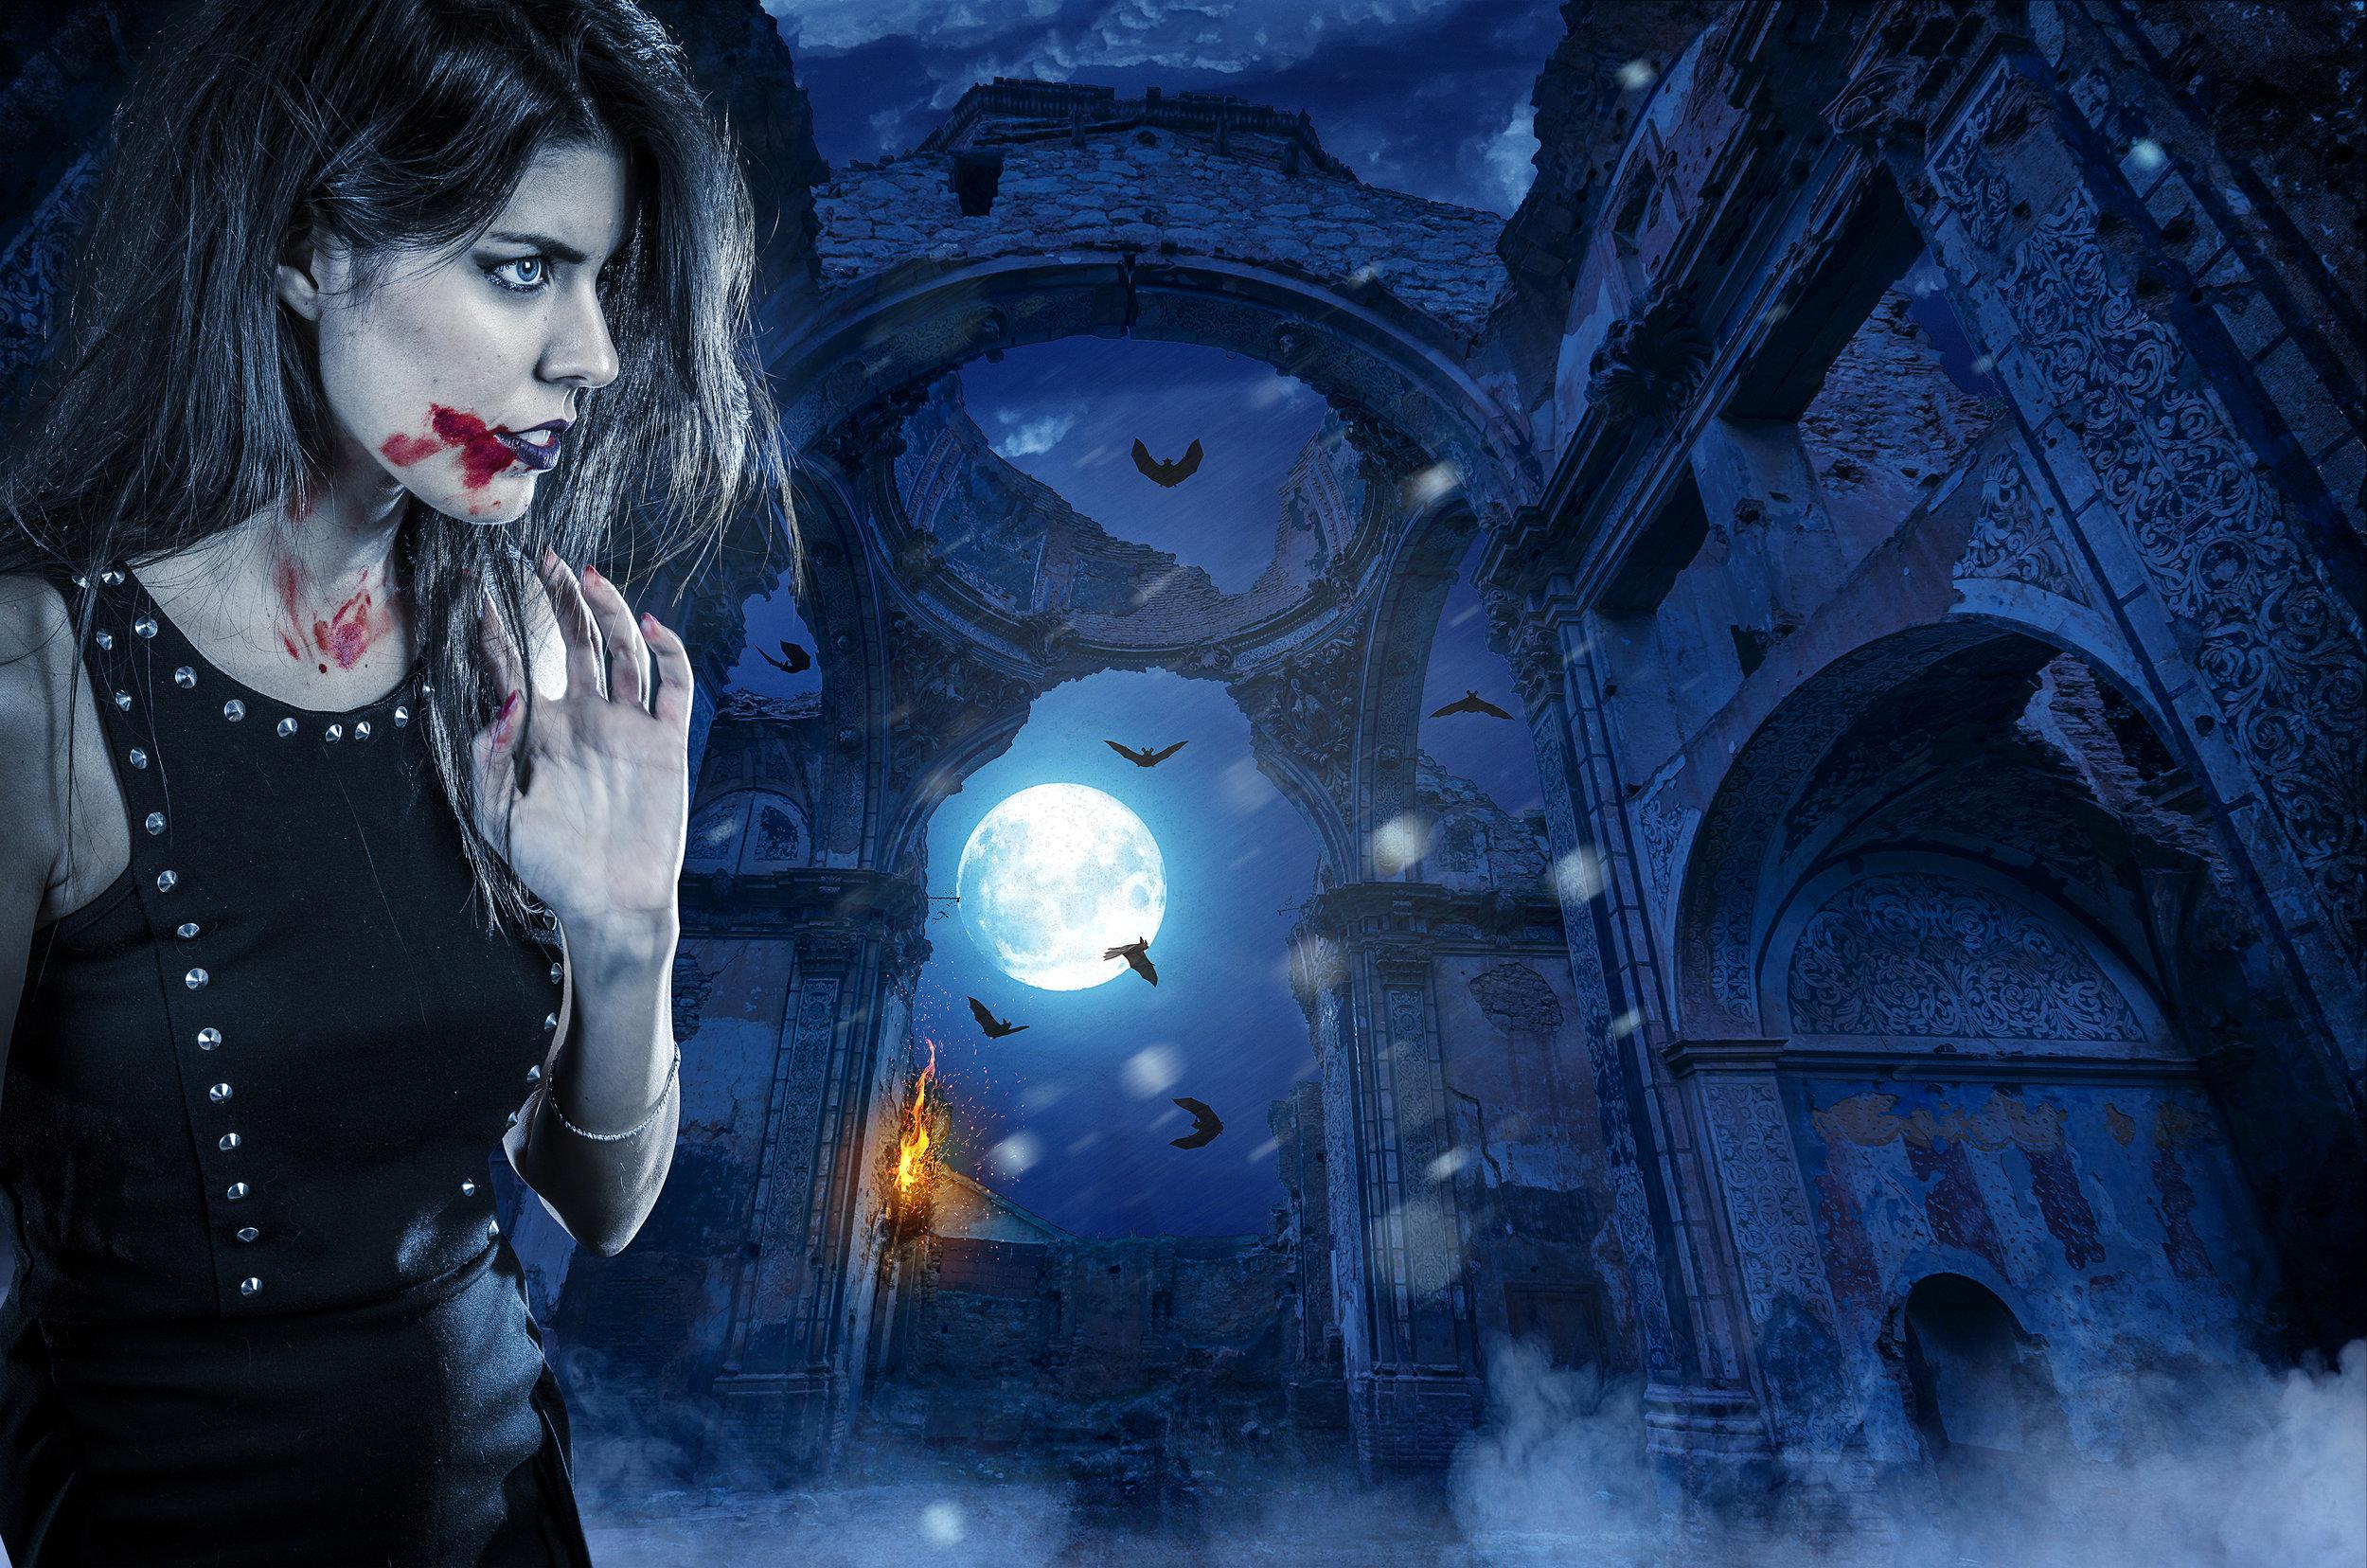 Ritratto horror fantasy